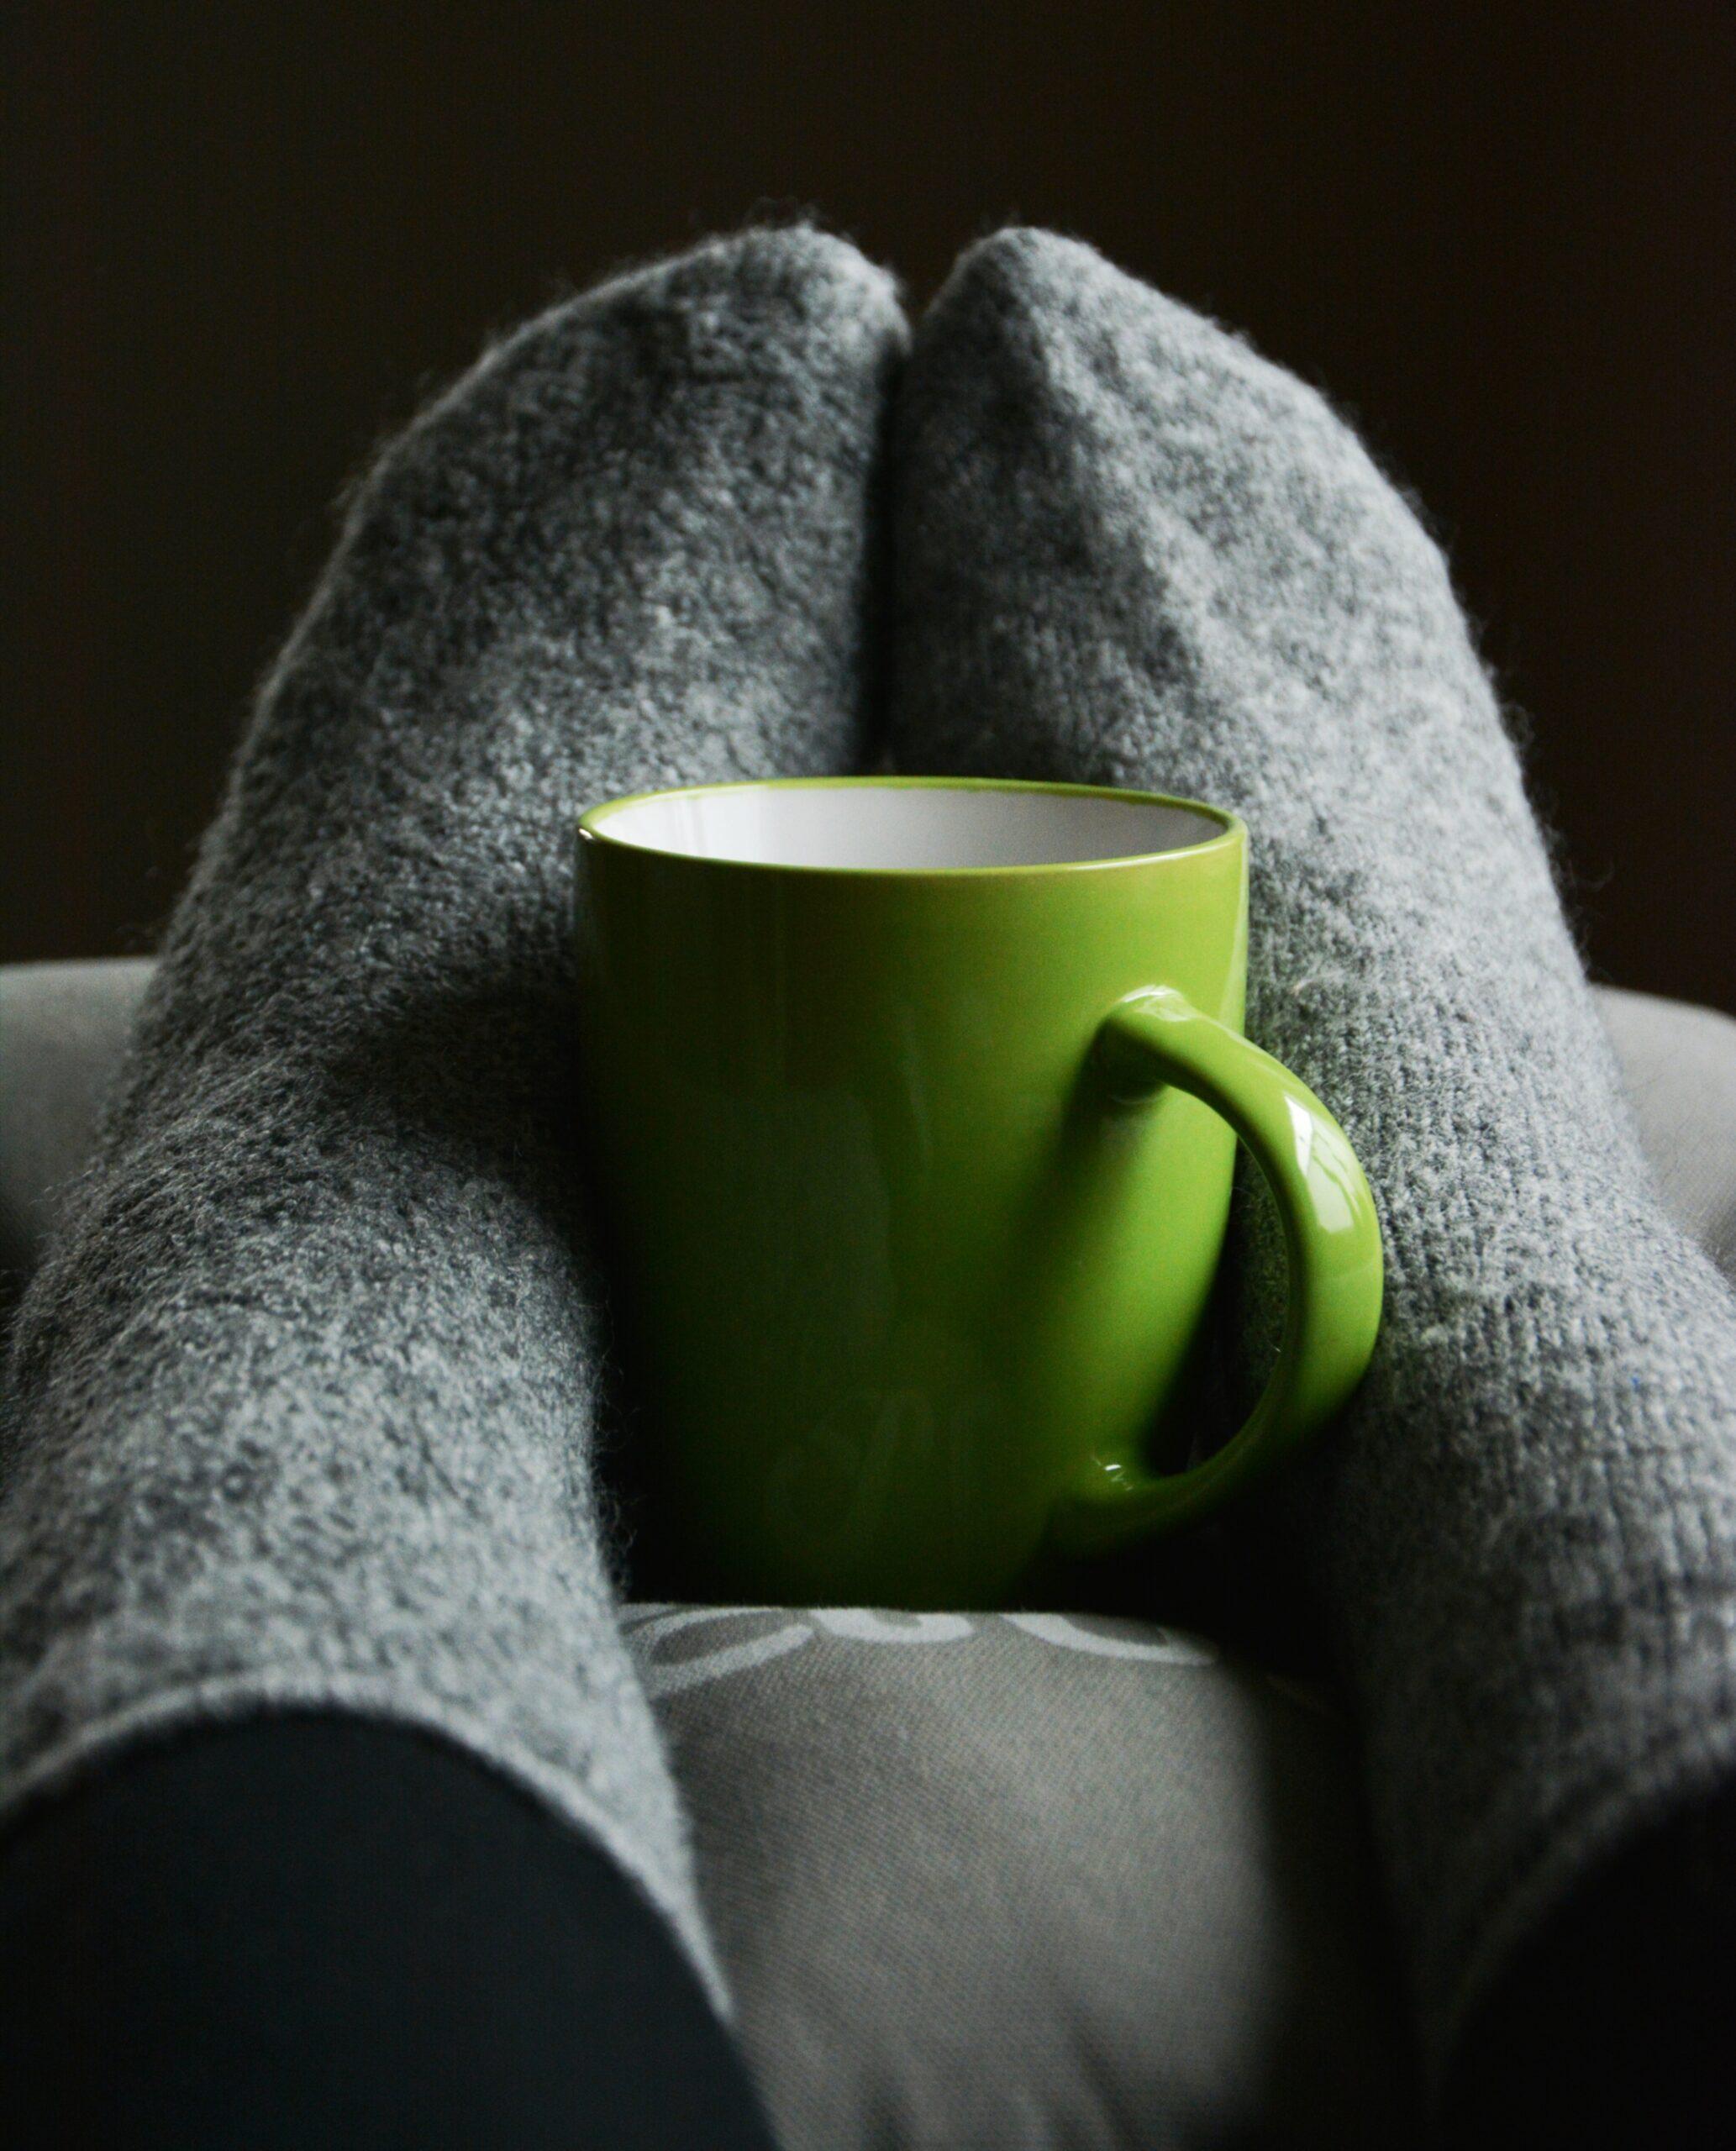 cosy socks and green mug